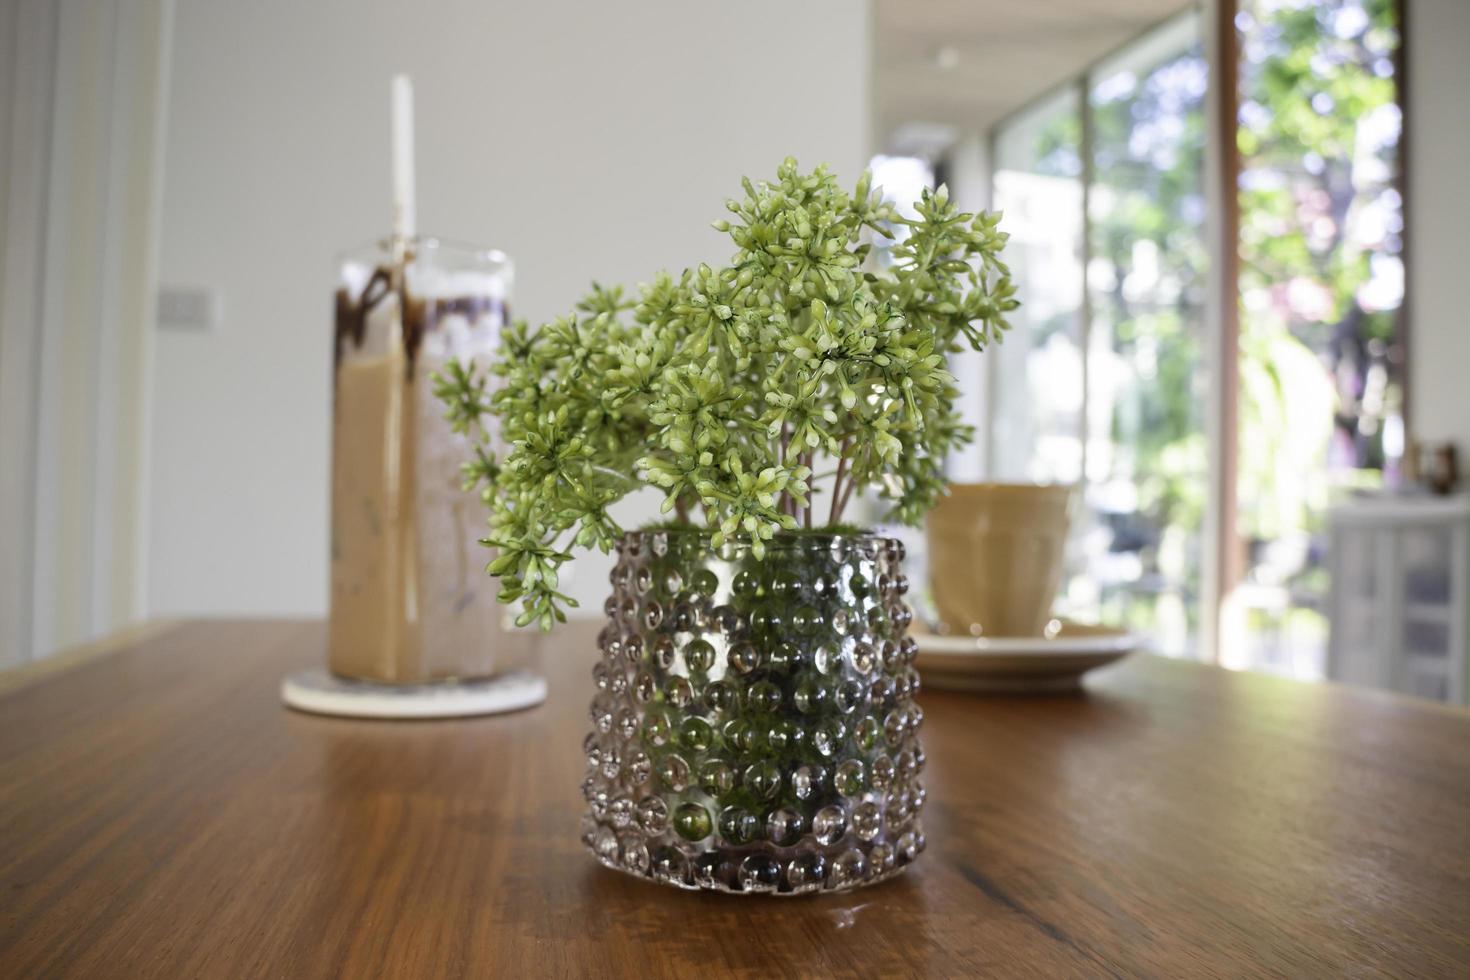 växt på ett kafébord foto